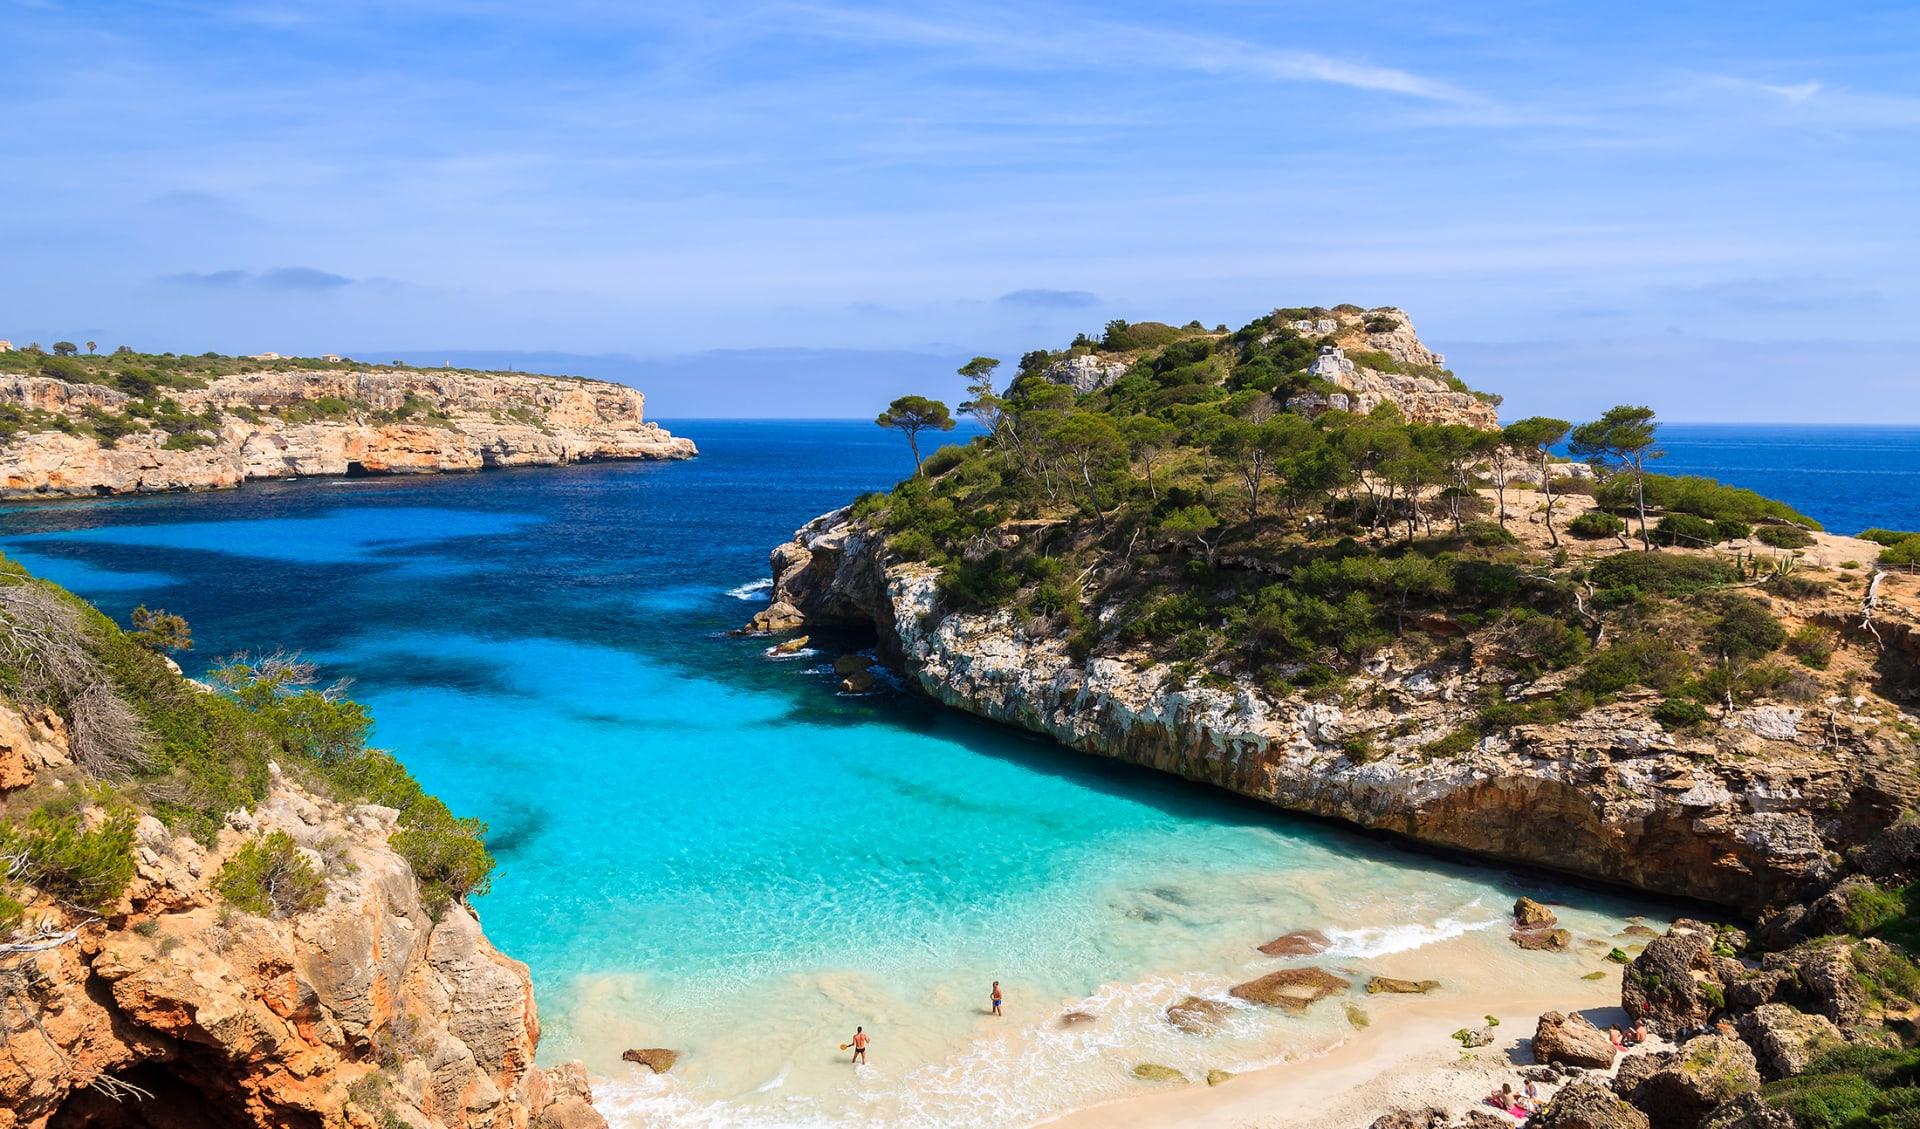 Badebucht mit Strand Mittelmeer